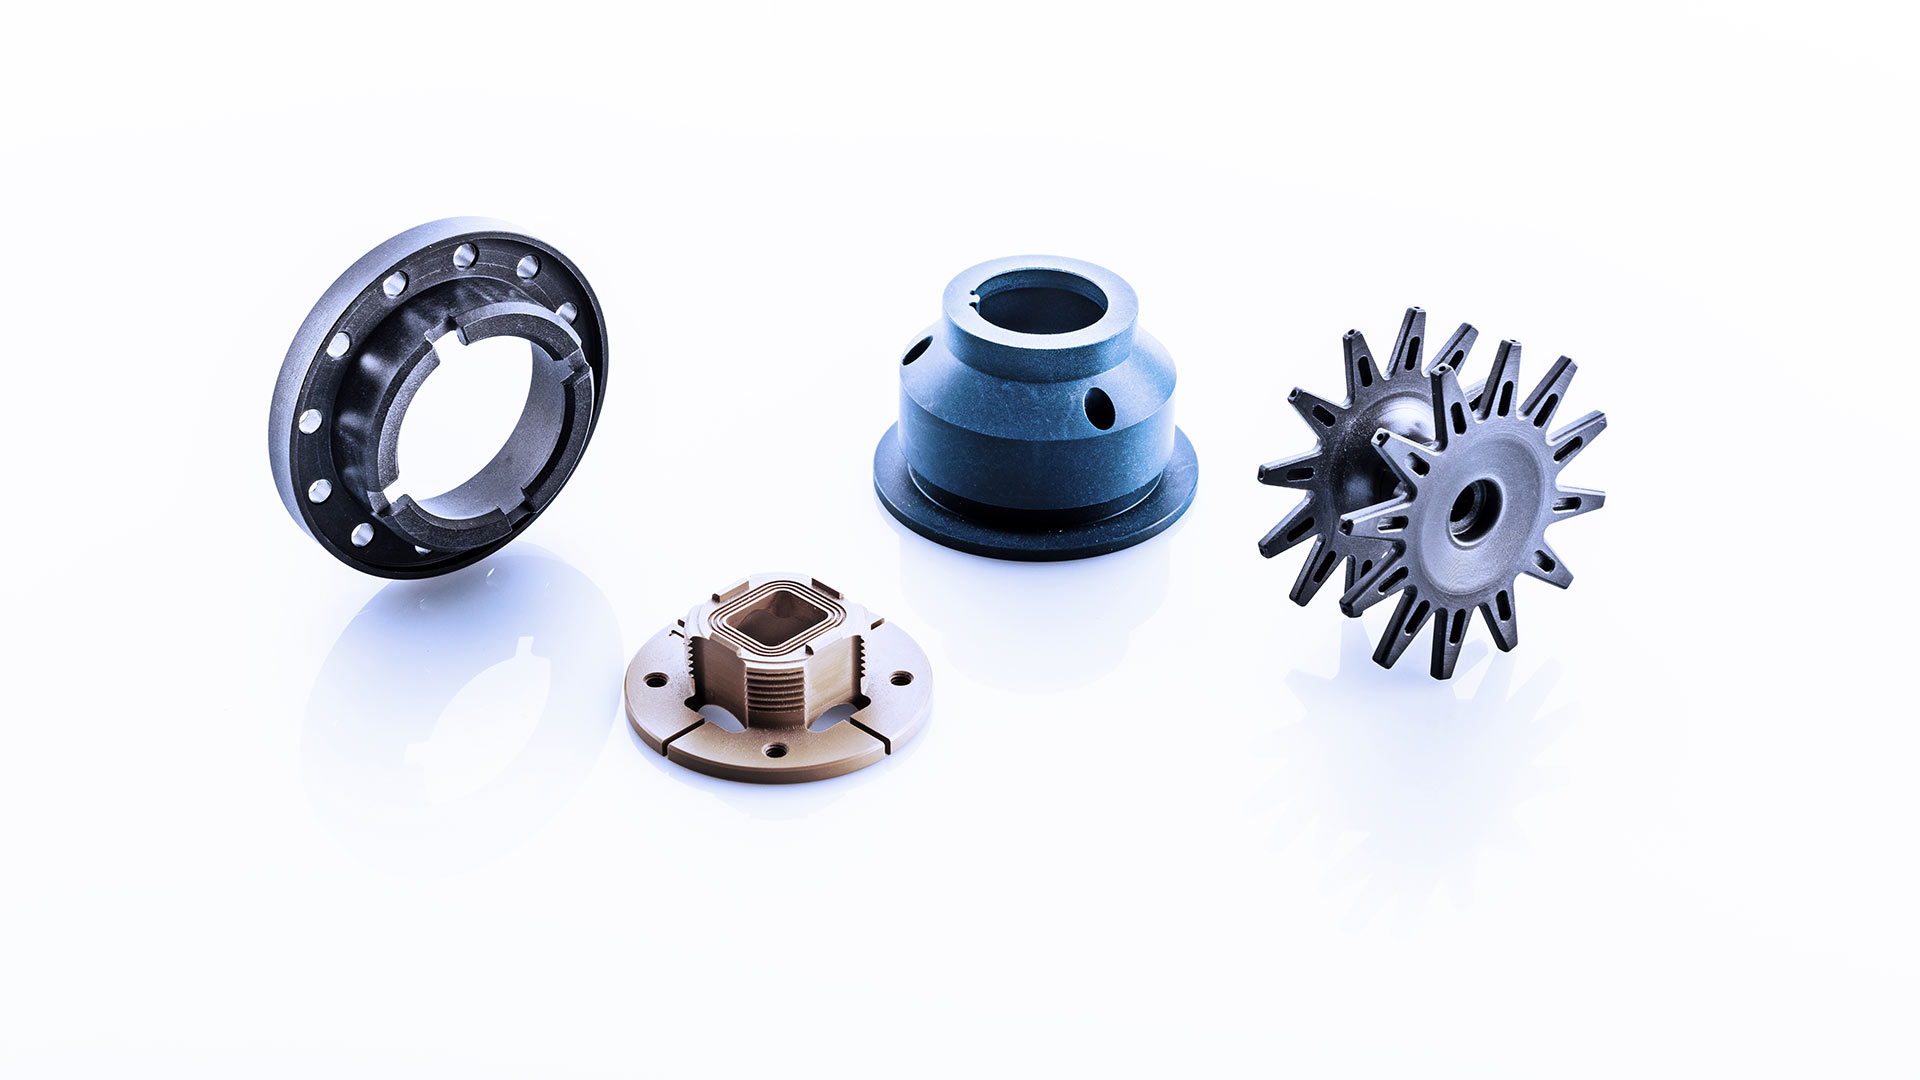 Aberle Kunststoffverarbeitung GmbH